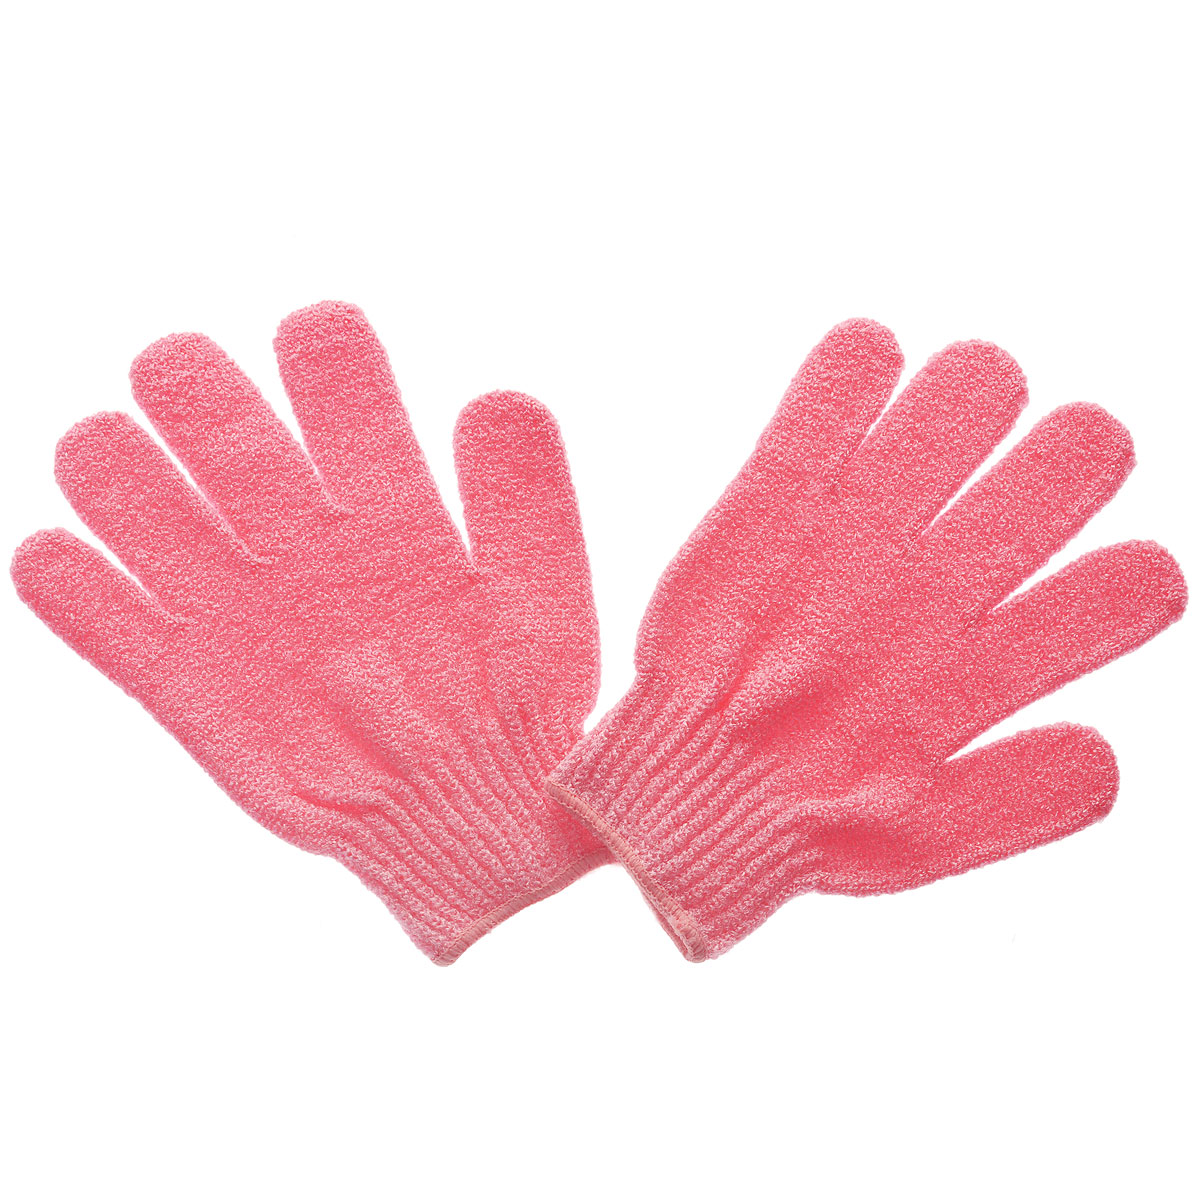 Riffi Перчатки для пилинга, цвет: коралловыйМ362 голубойЭластичные безразмерные перчатки Riffi обладают активным антицеллюлитным эффектом и отличным пилинговым действием, тонизируя, массируя и эффективно очищая вашу кожу.Riffi освобождает кожу от отмерших клеток, стимулирует регенерацию. Эффективно предупреждают образование целлюлита и обеспечивают омолаживающий эффект. Кожа становится гладкой, упругой и лучше готовой к принятию косметических средств. Интенсивный и пощипывающе свежий массаж тела с применением Riffi стимулирует кровообращение, активирует кровоснабжение, способствует обмену веществ. В комплекте 1 пара перчаток. Материал: 100% полиакрил. Размер перчатки (в нерастянутом виде): 17,5 см x 12,5 см.